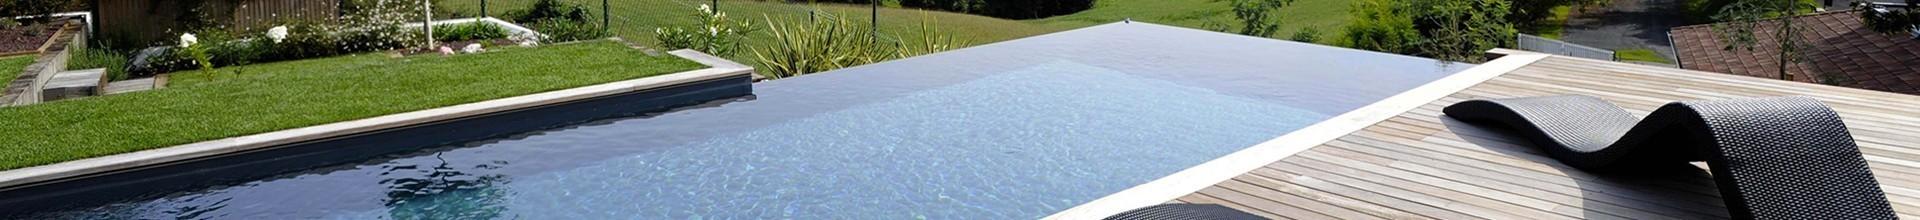 Grand Est Aube conception d'une piscine révolutionnaire